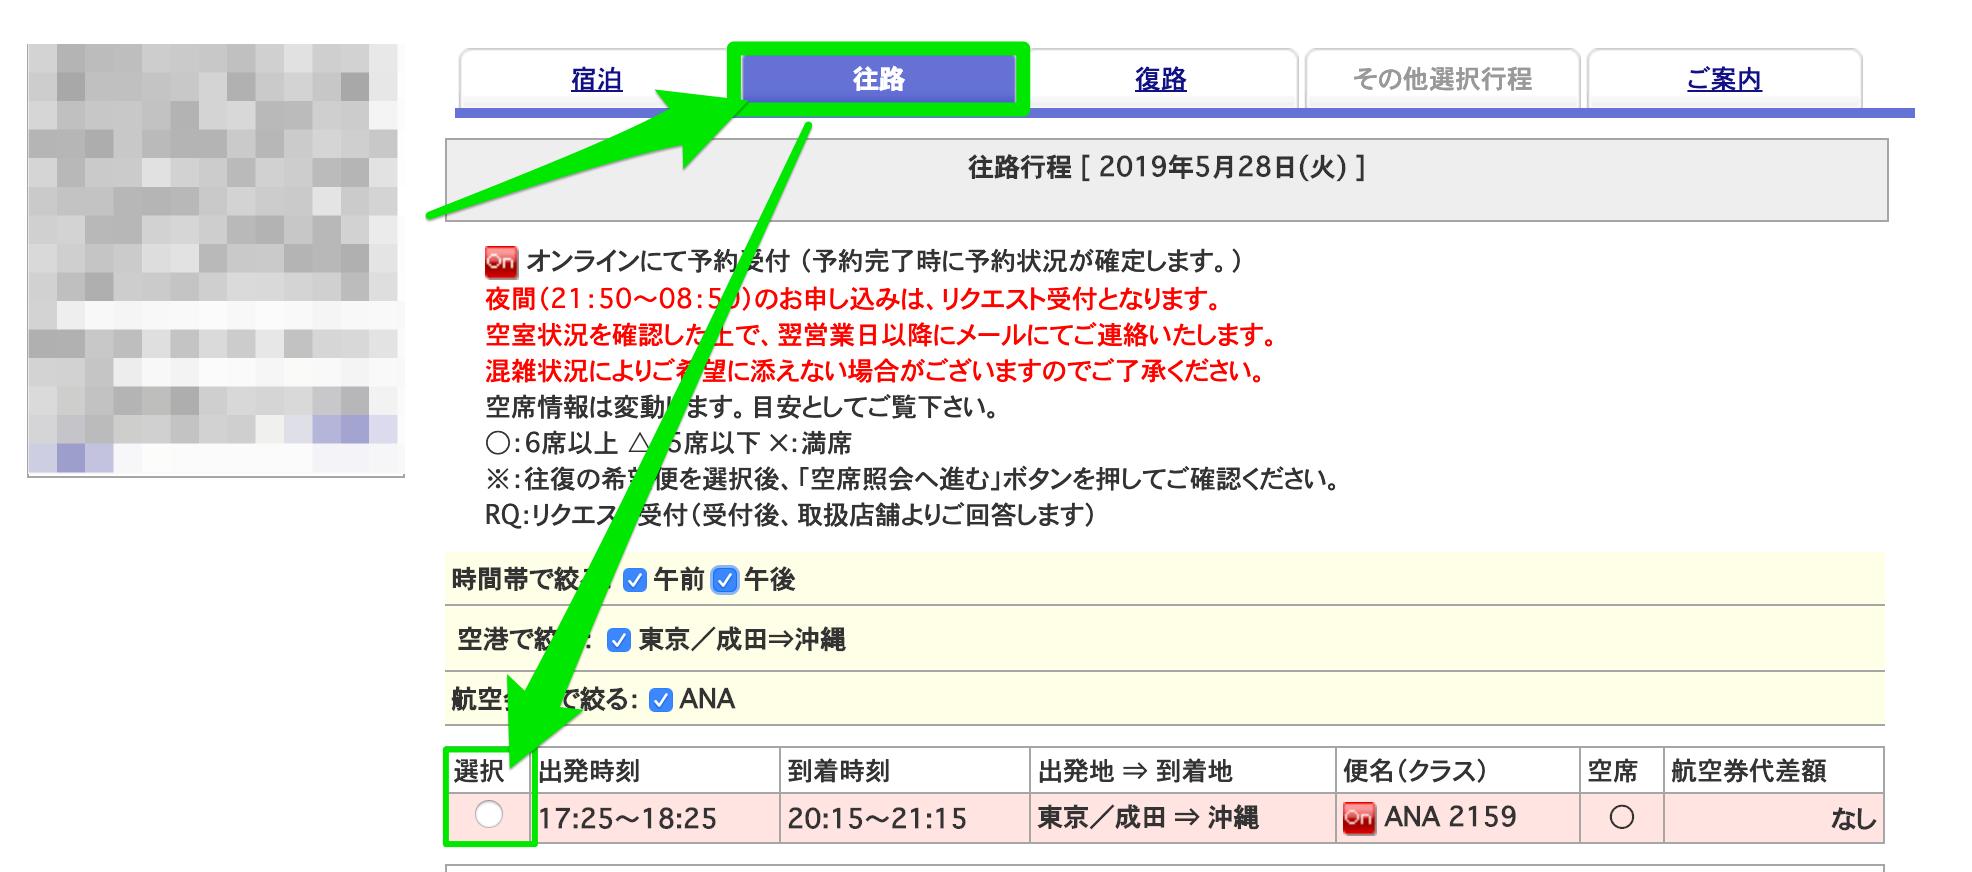 日本旅行でツアー予約の往路航空券を決定